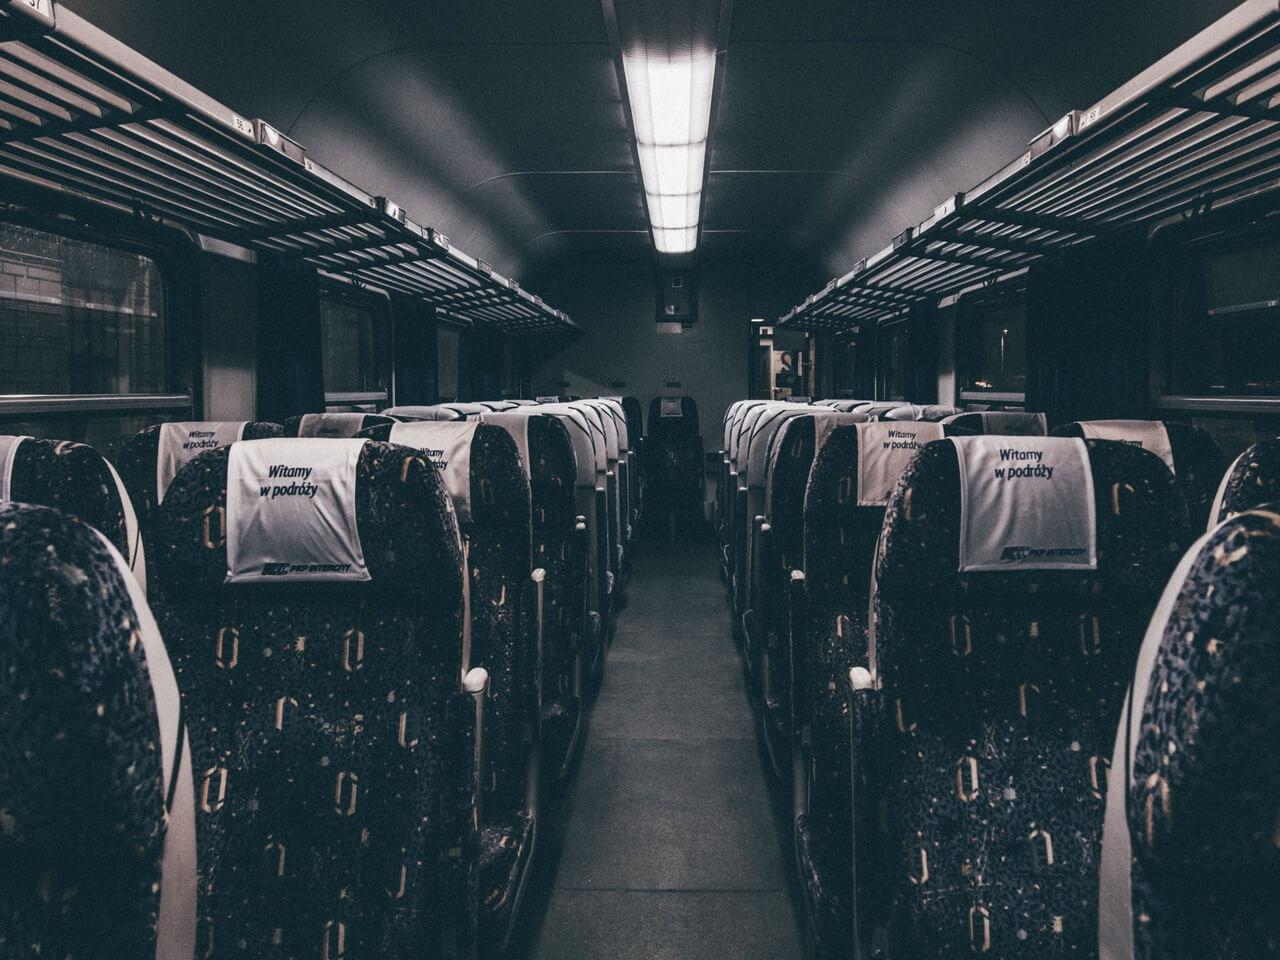 新幹線でコンセントがある座席を確保する方法